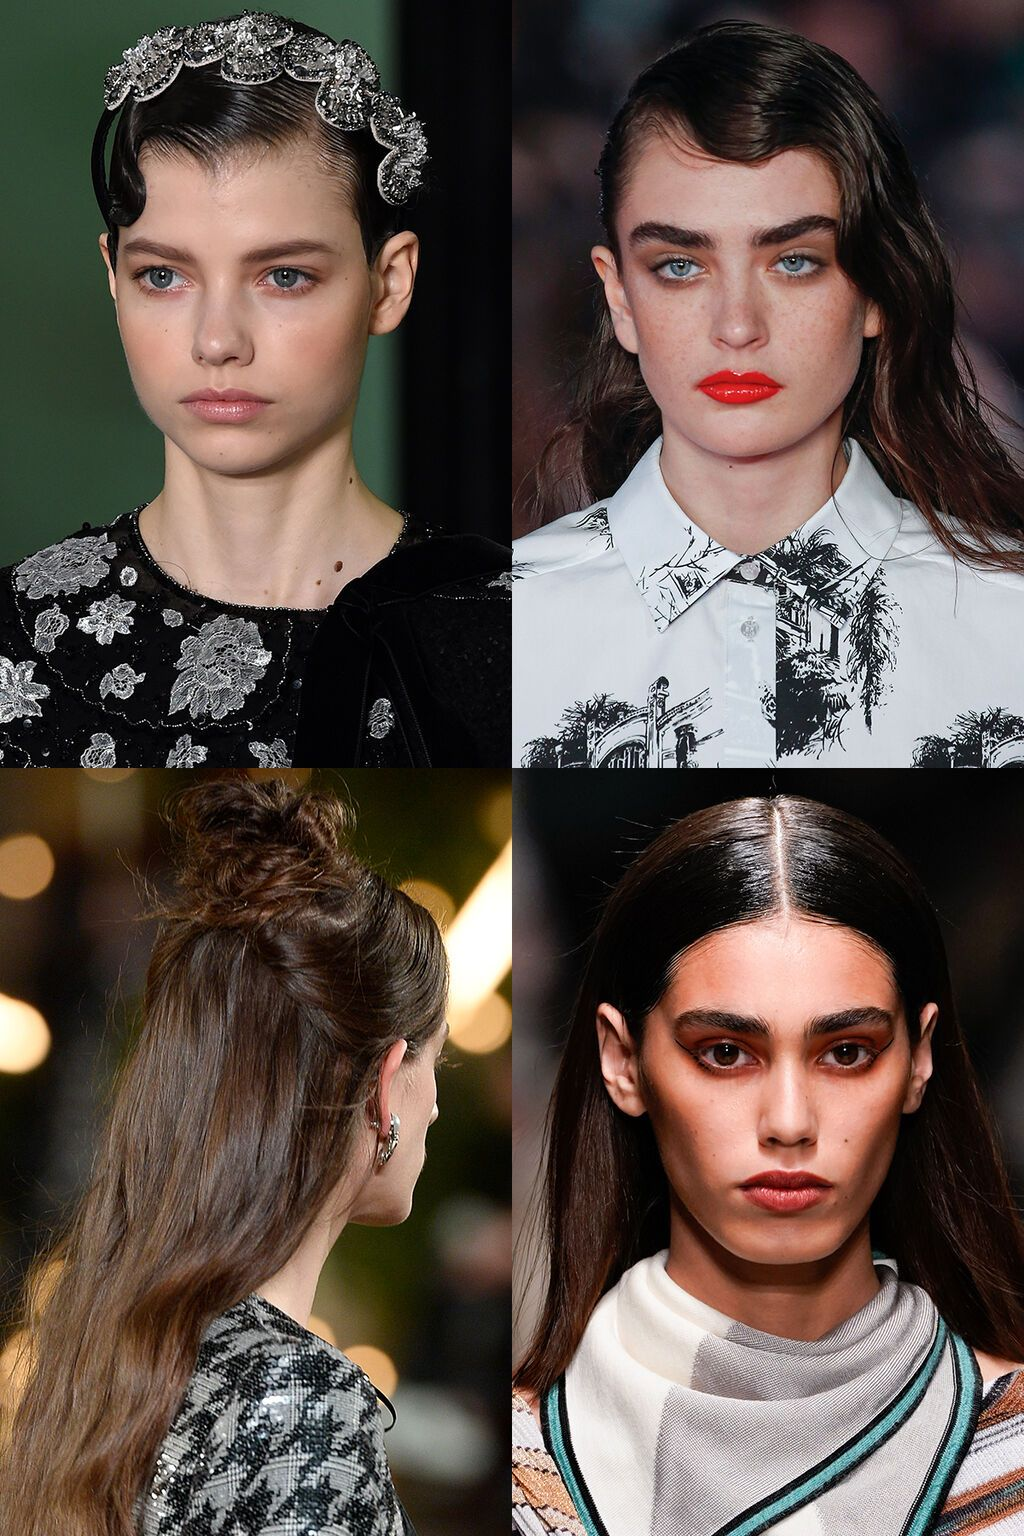 Welche Frisuren Tragen Wir 2020 2021 Die Trends Aus London Paris Mailand Und New York Verr Trendfrisuren Schone Frisuren Kurze Haare Welche Frisur Steht Mir